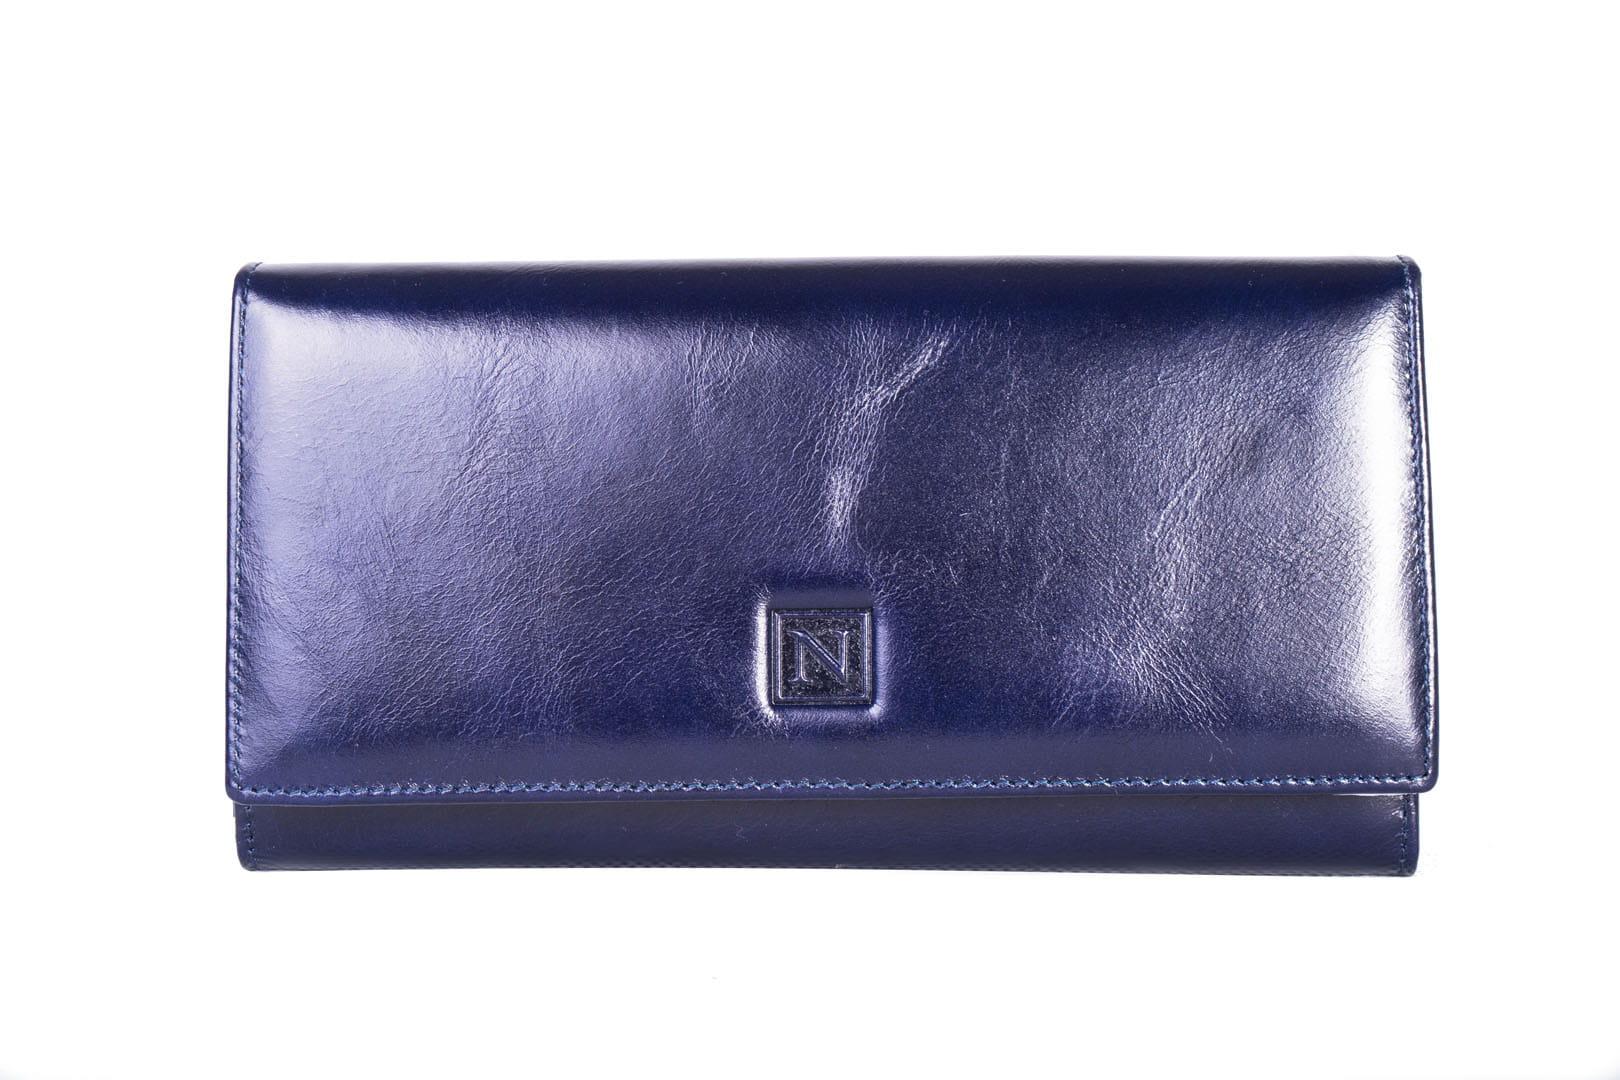 f526701d18f45 Portfel damski Skórzany Nicole Granatowy Leather Box